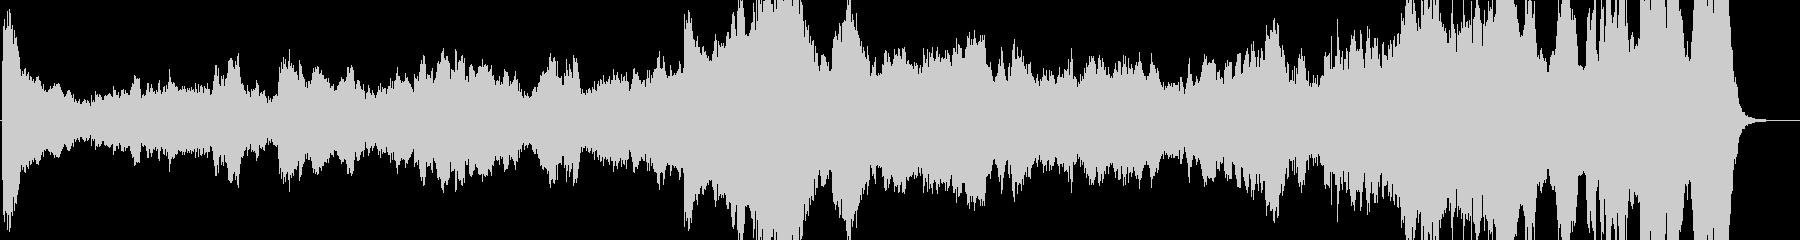 モダン テクノ 現代的 交響曲 エ...の未再生の波形